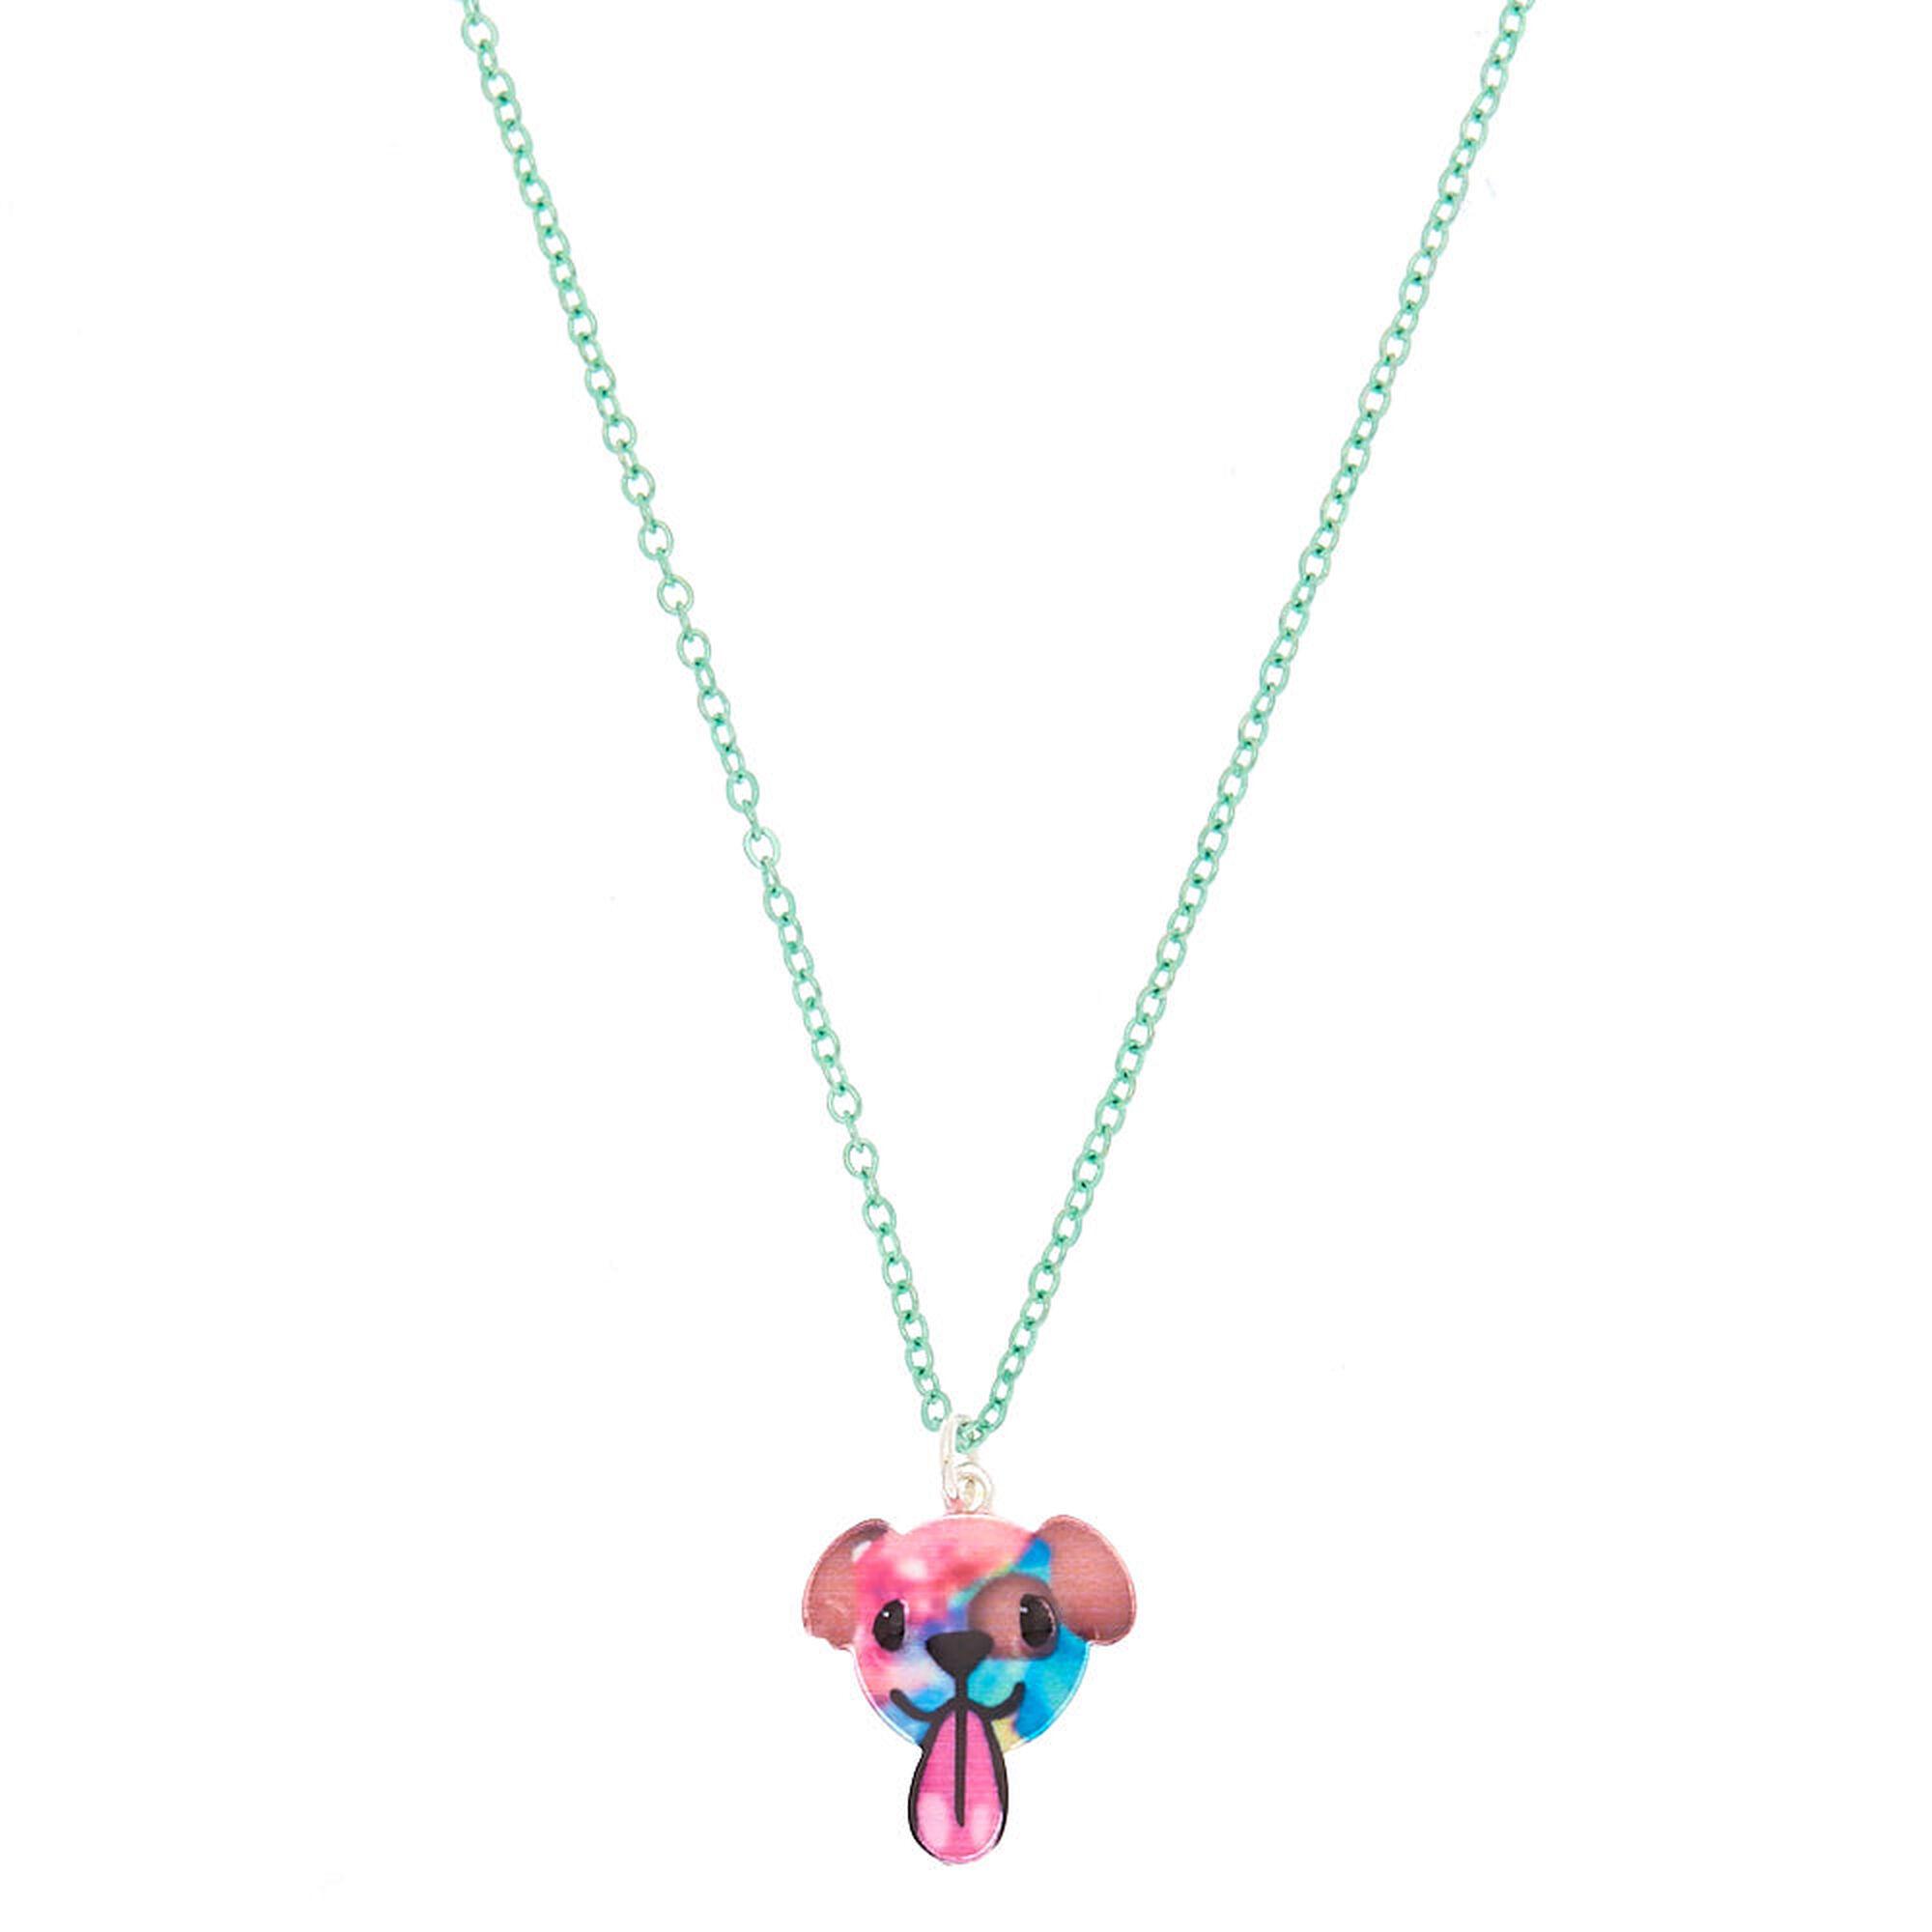 Puppy Emoji Pendant Necklace